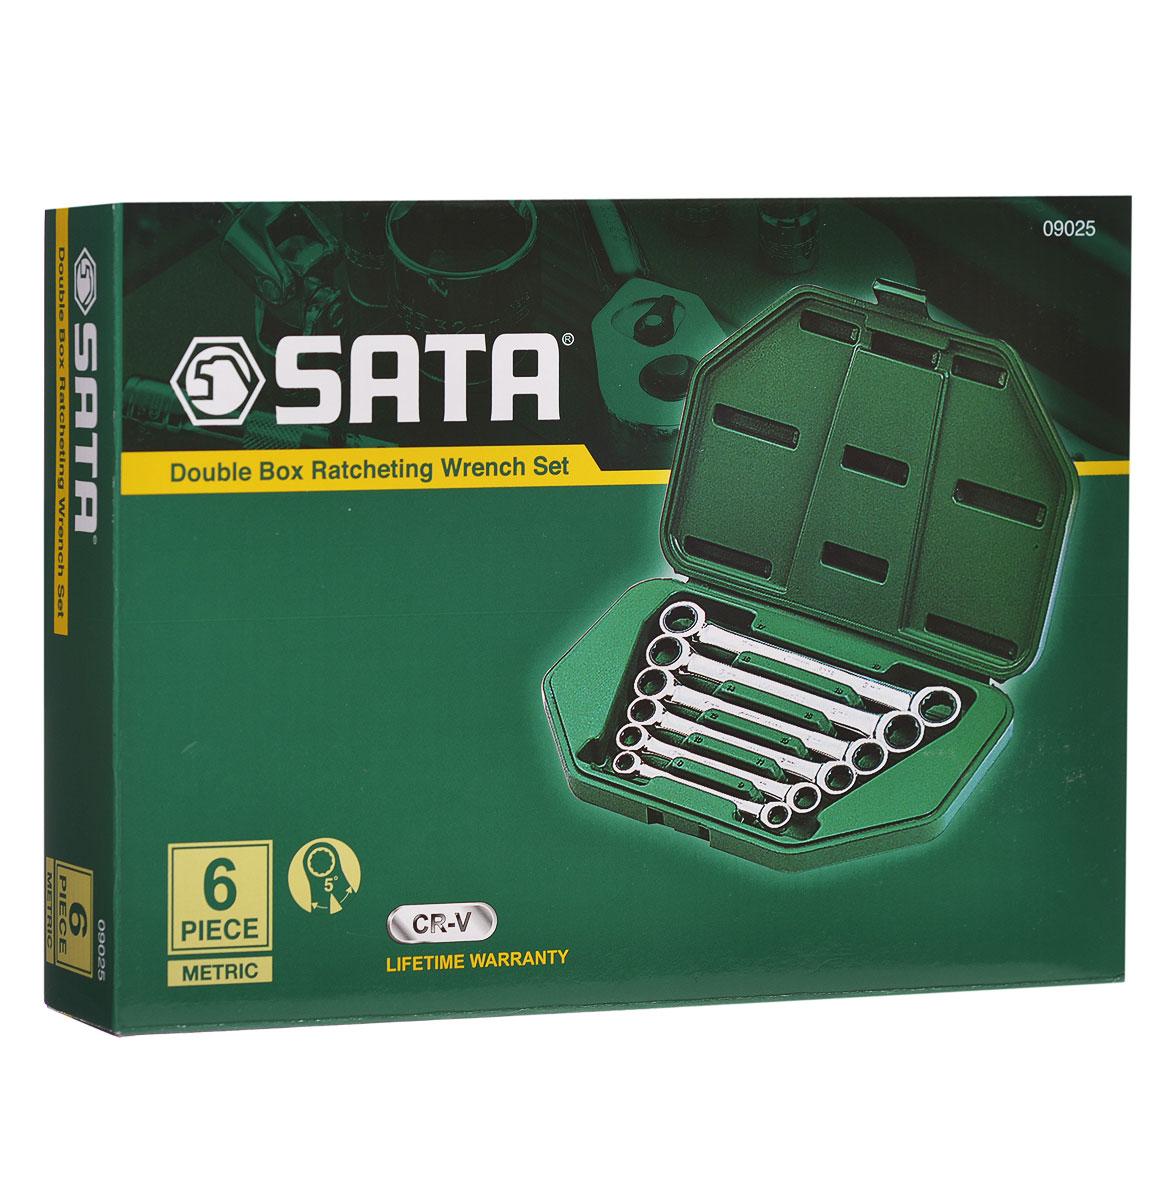 Набор ключей SATA 6пр. 0902509025Метрические накидные комбинированные ключи Sata с реверсивным трещоточным механизмом предназначены для монтажа/демонтажа резьбовых соединений. Все инструменты набора выполнены из высококачественной хромованадиевой стали. В комплекте пластиковый кейс для переноски и хранения. В набор входят ключи размером: 8 мм х 9 мм, 10 мм х 11 мм, 12 мм х 13 мм, 14 мм х 15 мм, 16 мм х 18 мм, 17 мм х 19 мм.